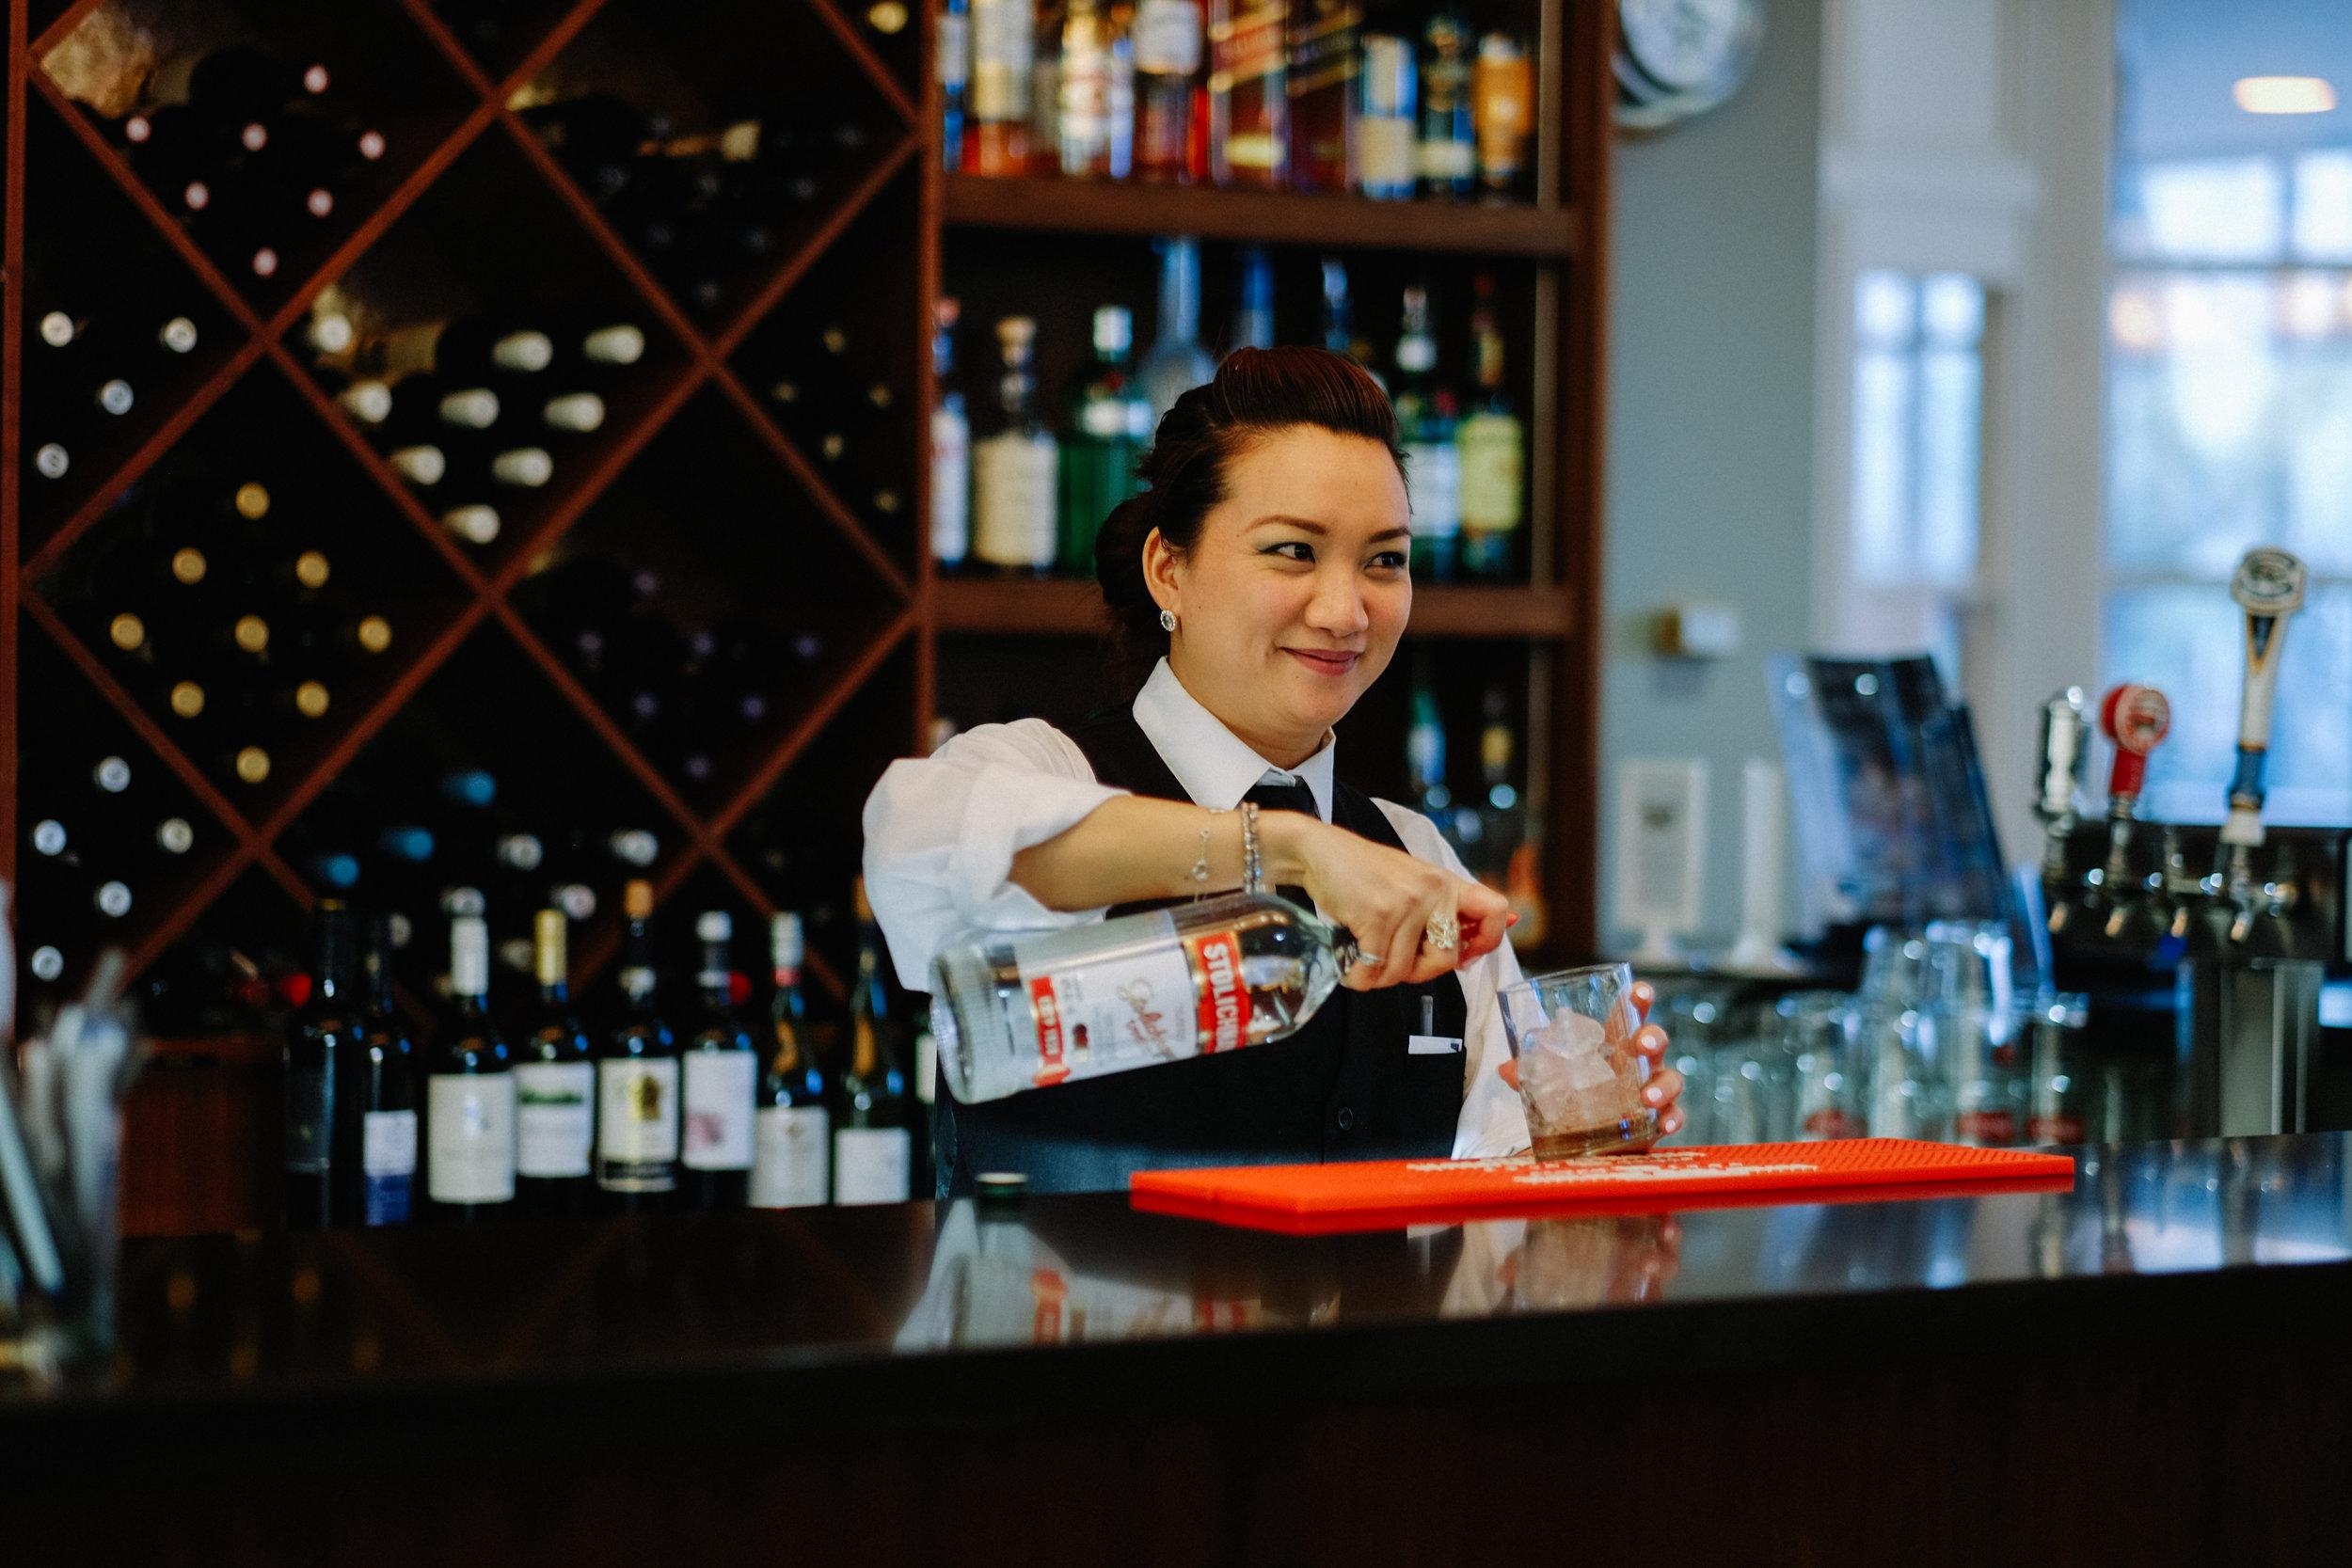 Bartender at boatparty